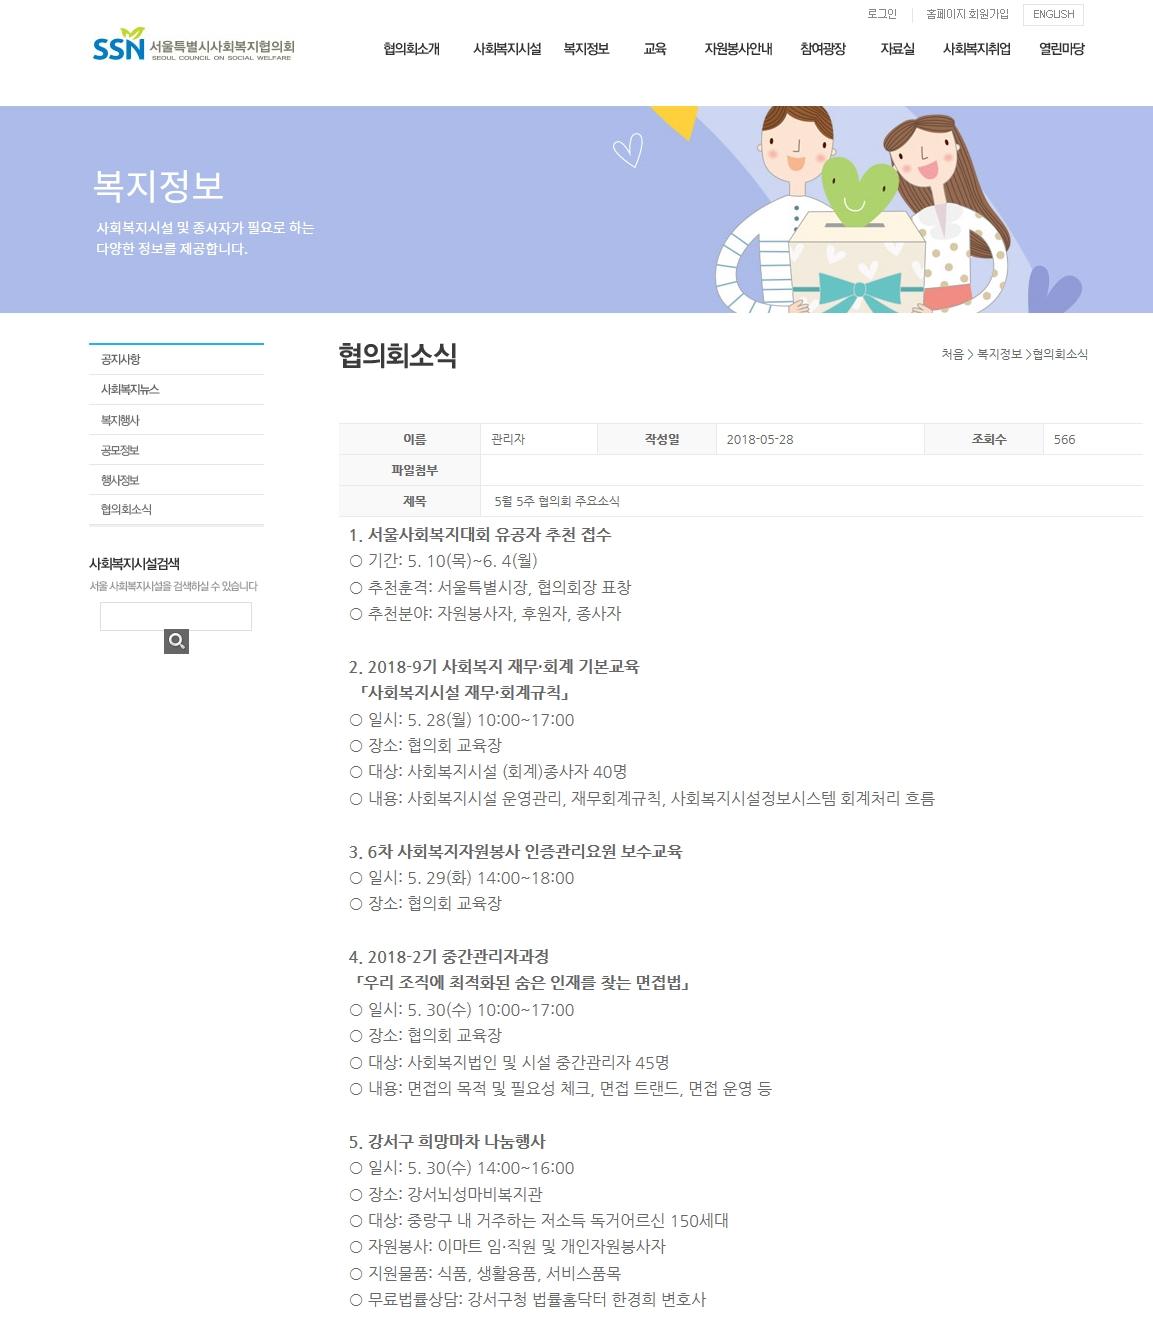 서울시사회복지협의회 희망마차 법률상담 1